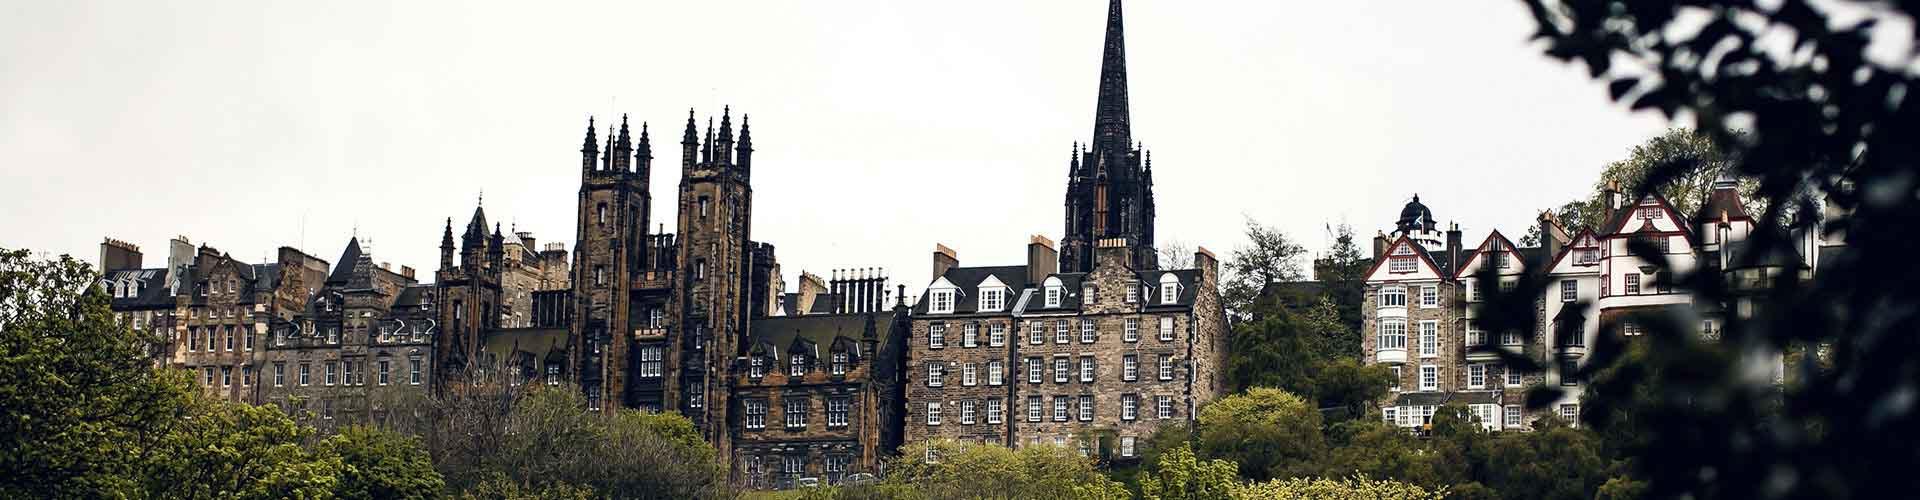 Edinburgh – Hostellit kaupungiosassa Vanhakaupunki. Edinburgh -karttoja, valokuvia ja arvosteluja kaikista Edinburgh -hostelleista.